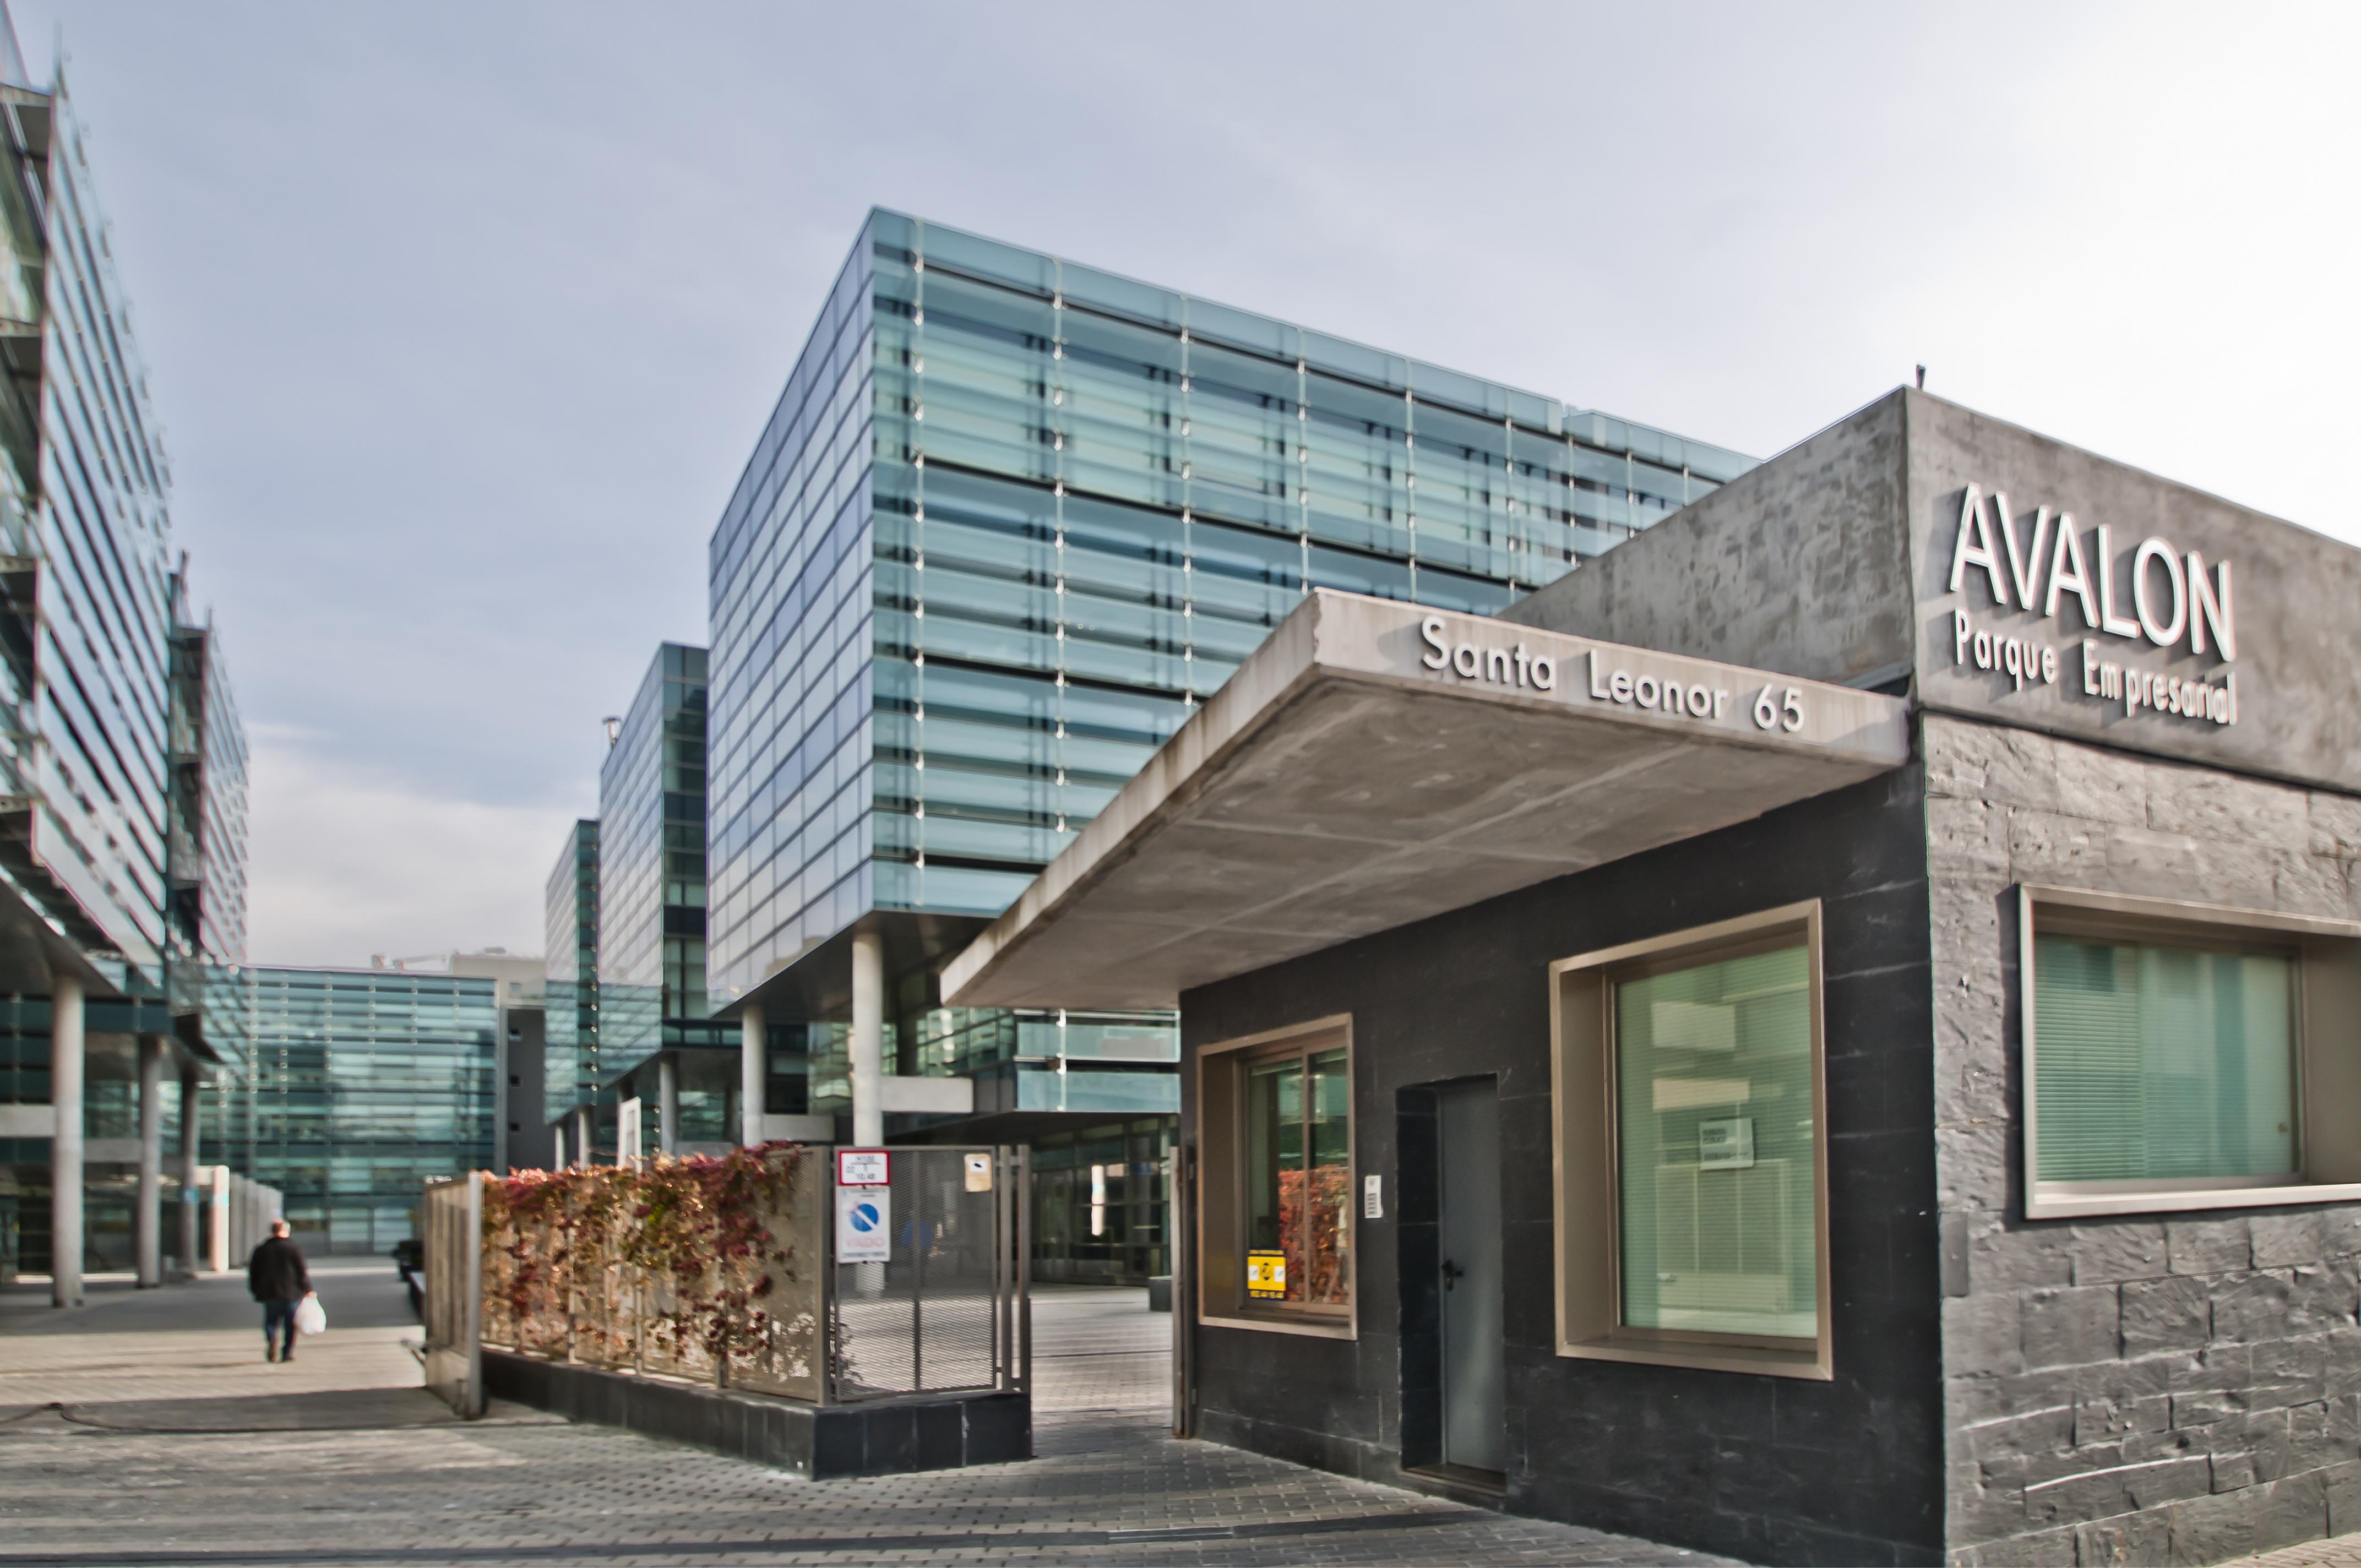 Parque empresarial avalon oficinas en alquiler en madrid for Oficinas del inss en madrid capital